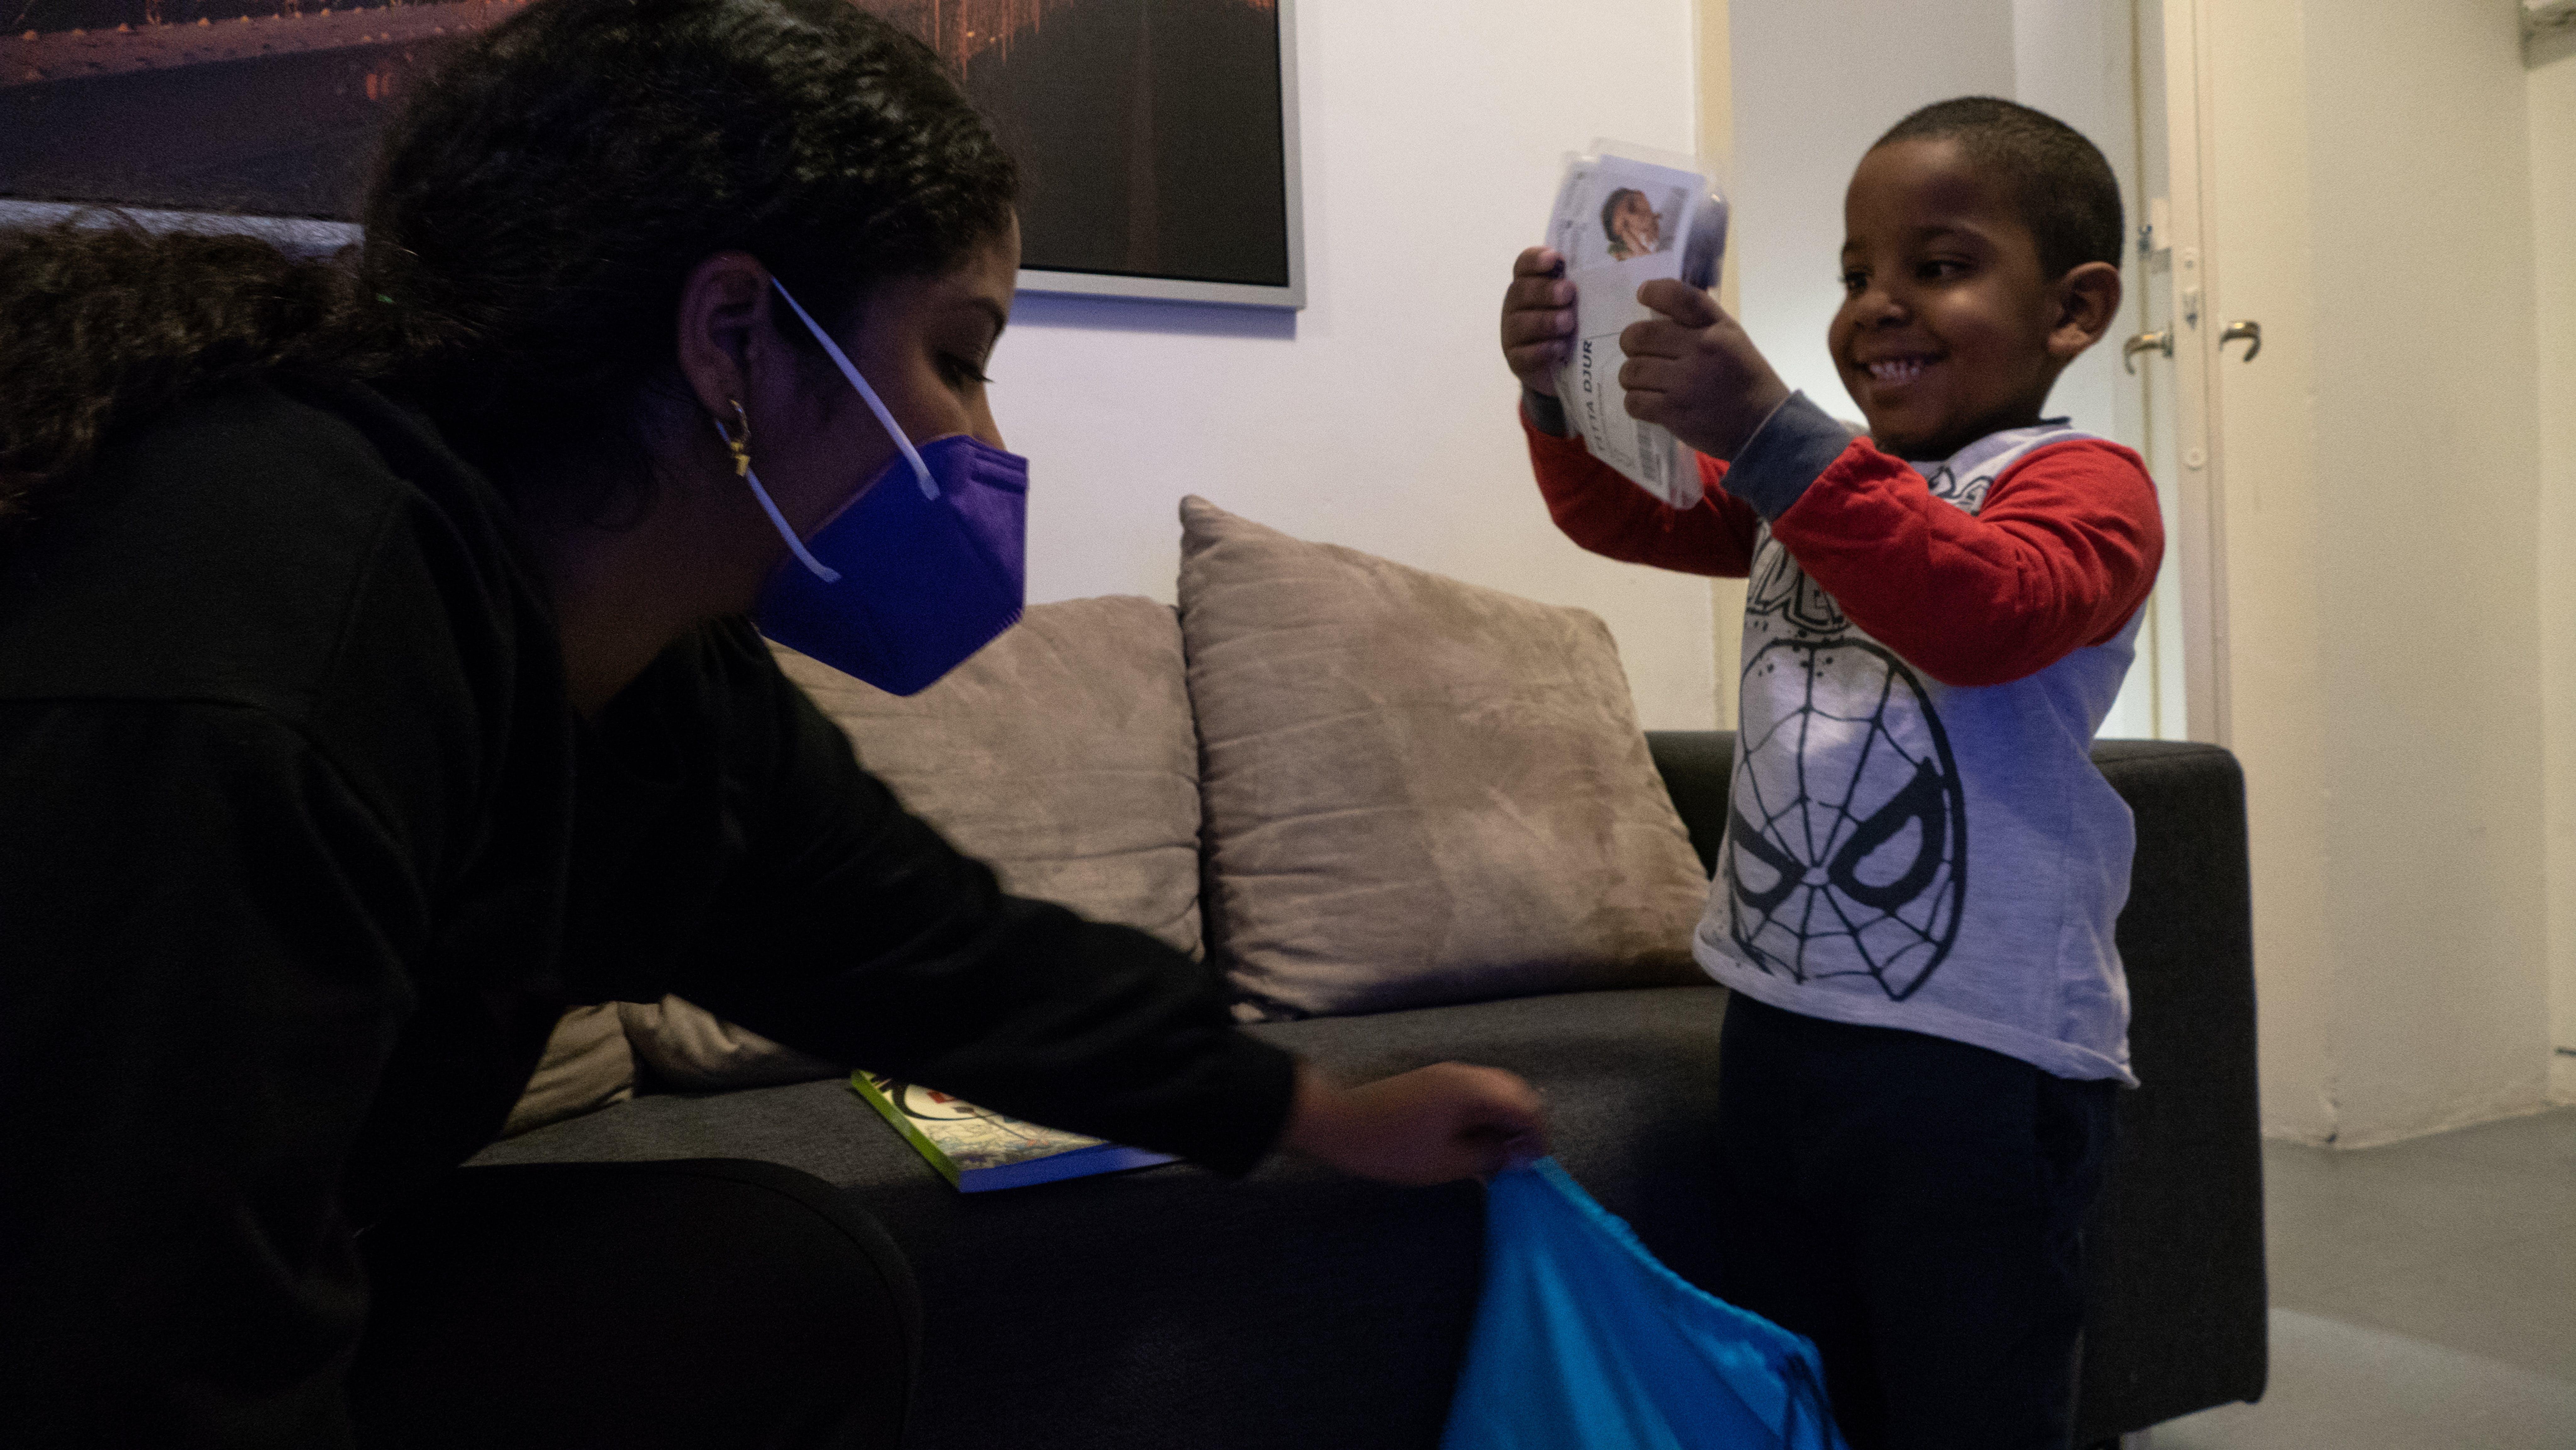 Alexis, il piccolo della famiglia, sorride aprendo il pacco ricevuto da UNICEF-Intersos